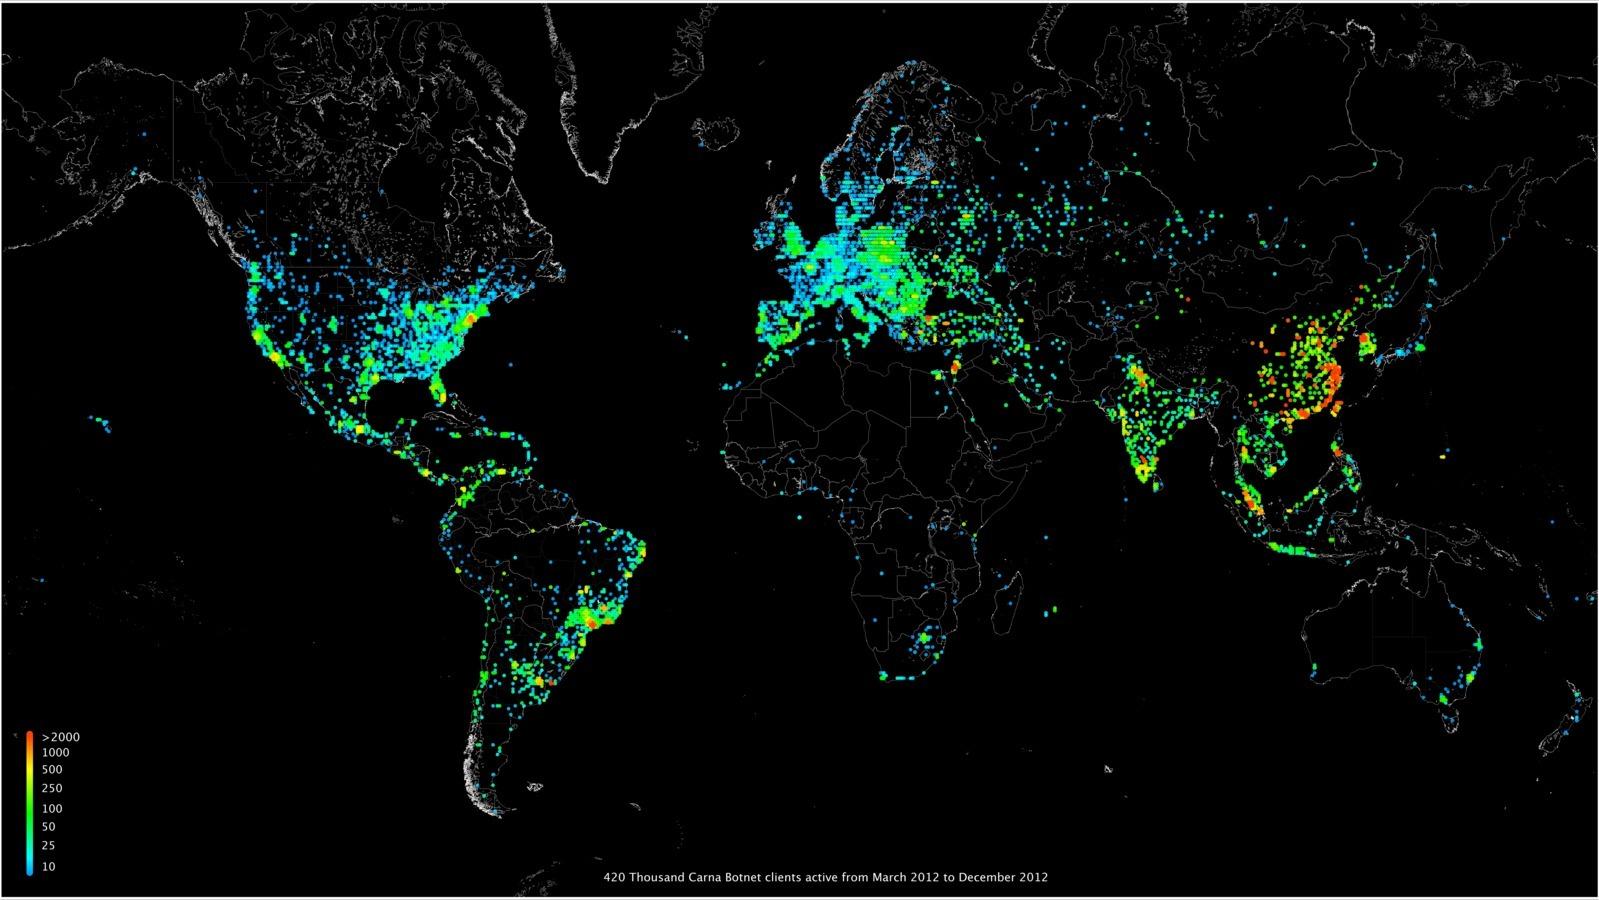 Насколько велик интернет? - 2